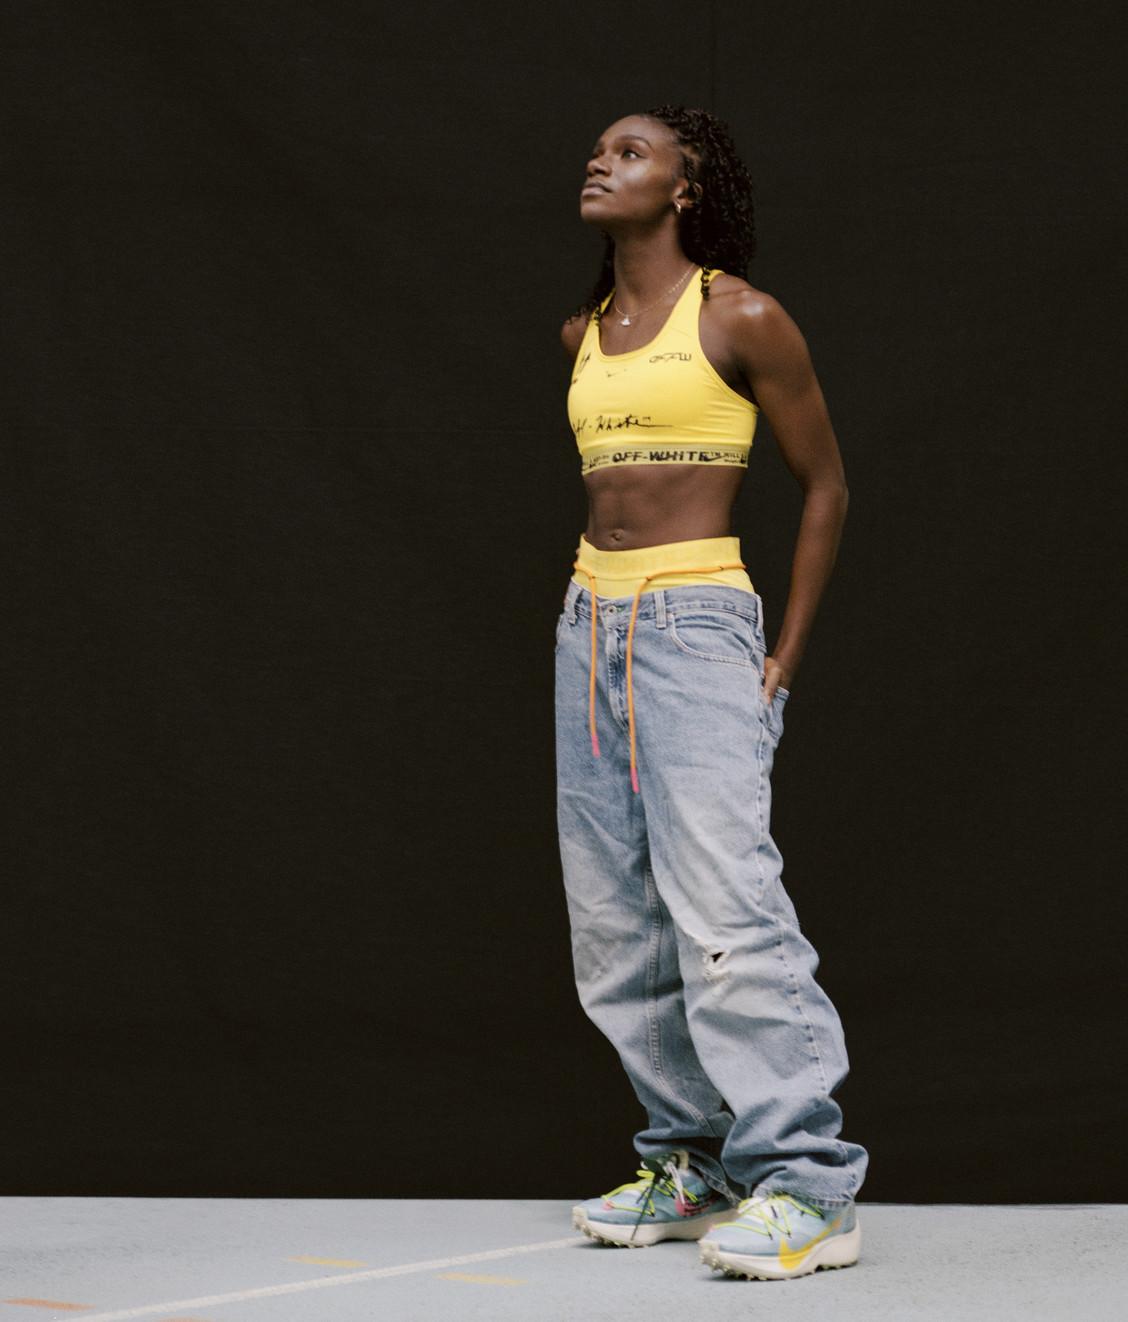 Nike Nike x Off White Bralette Opti Yellow